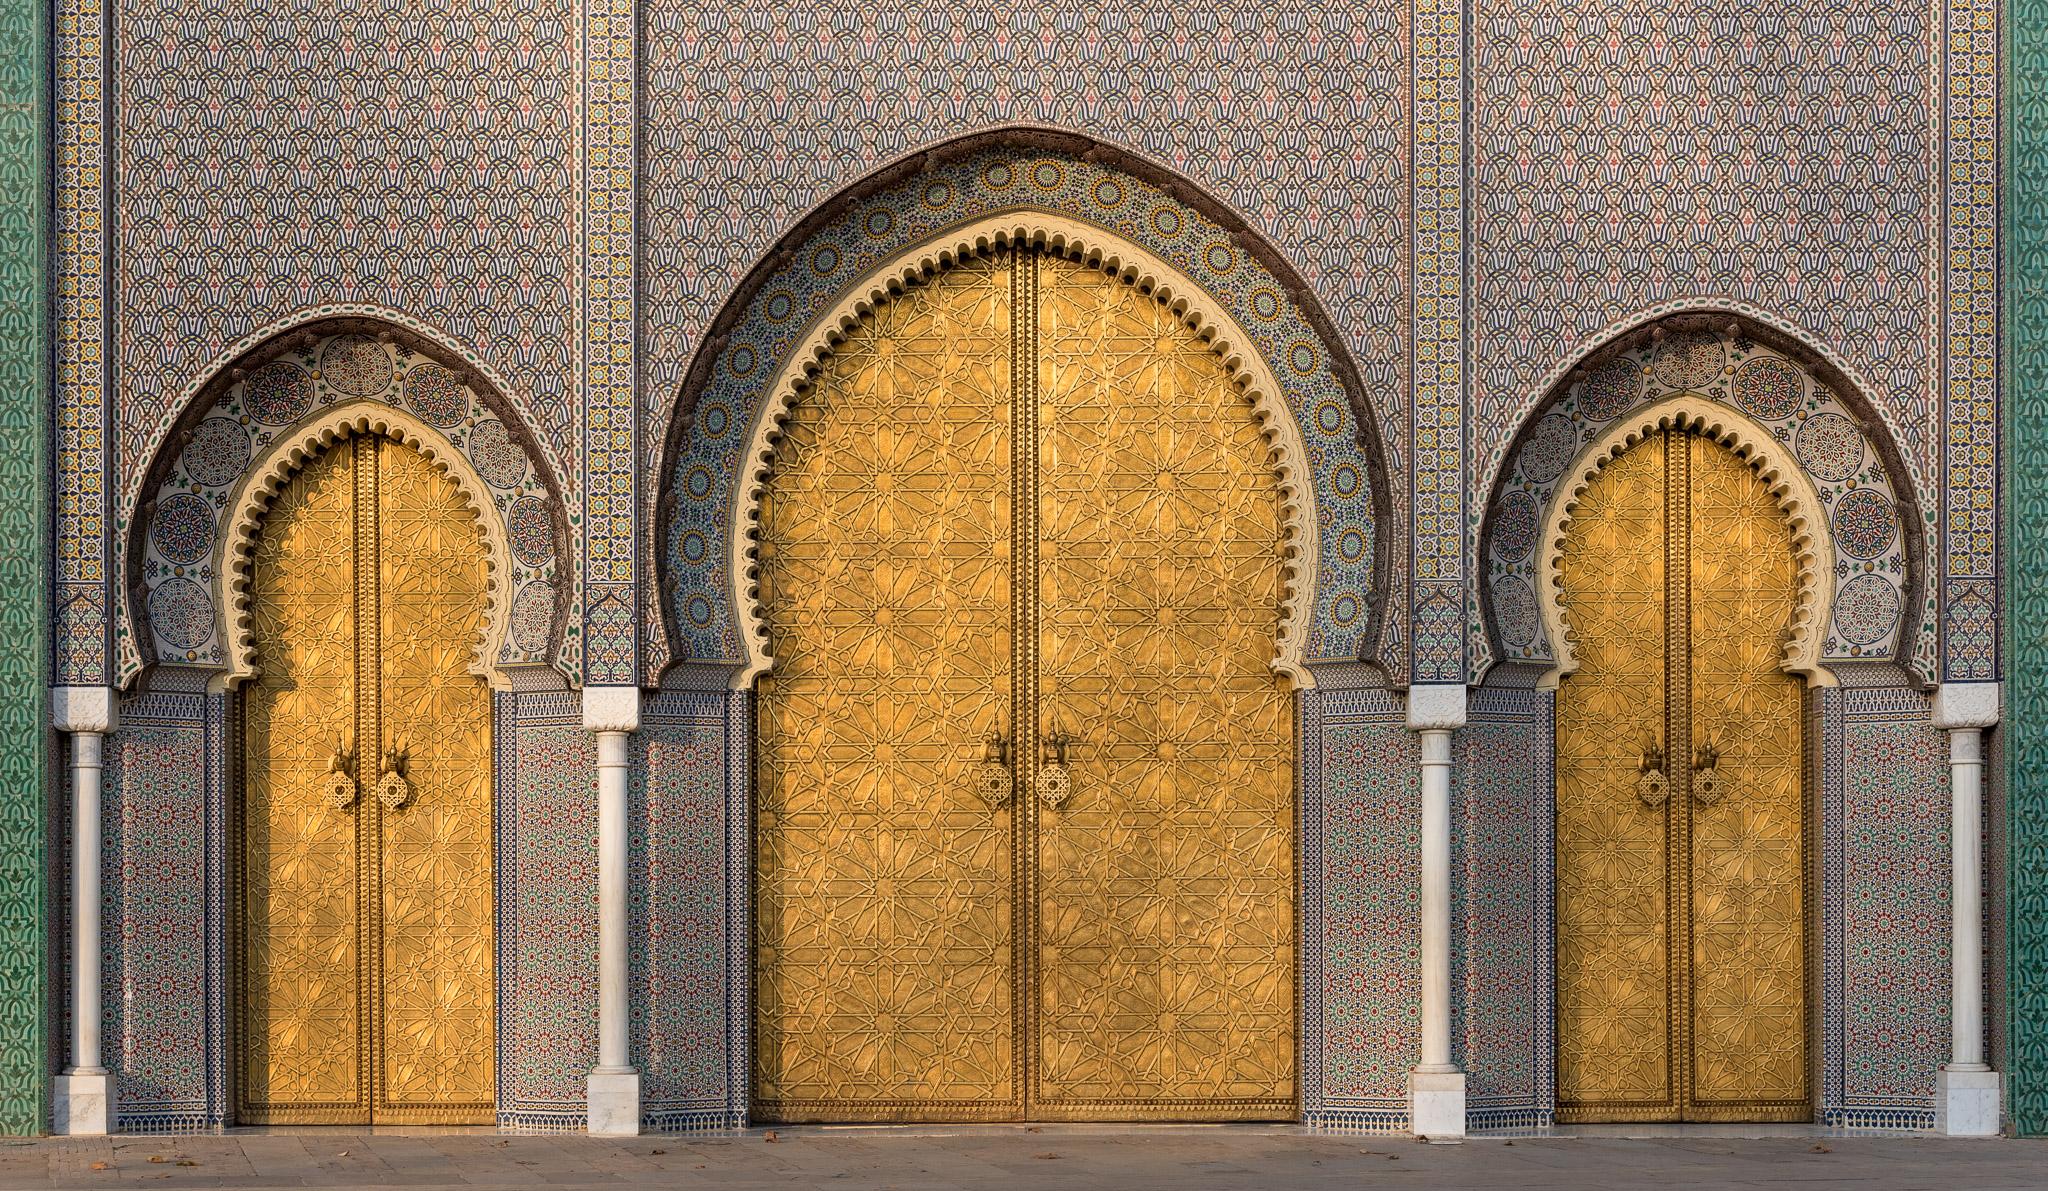 Die goldenen Tore des Königspalasts in Fes